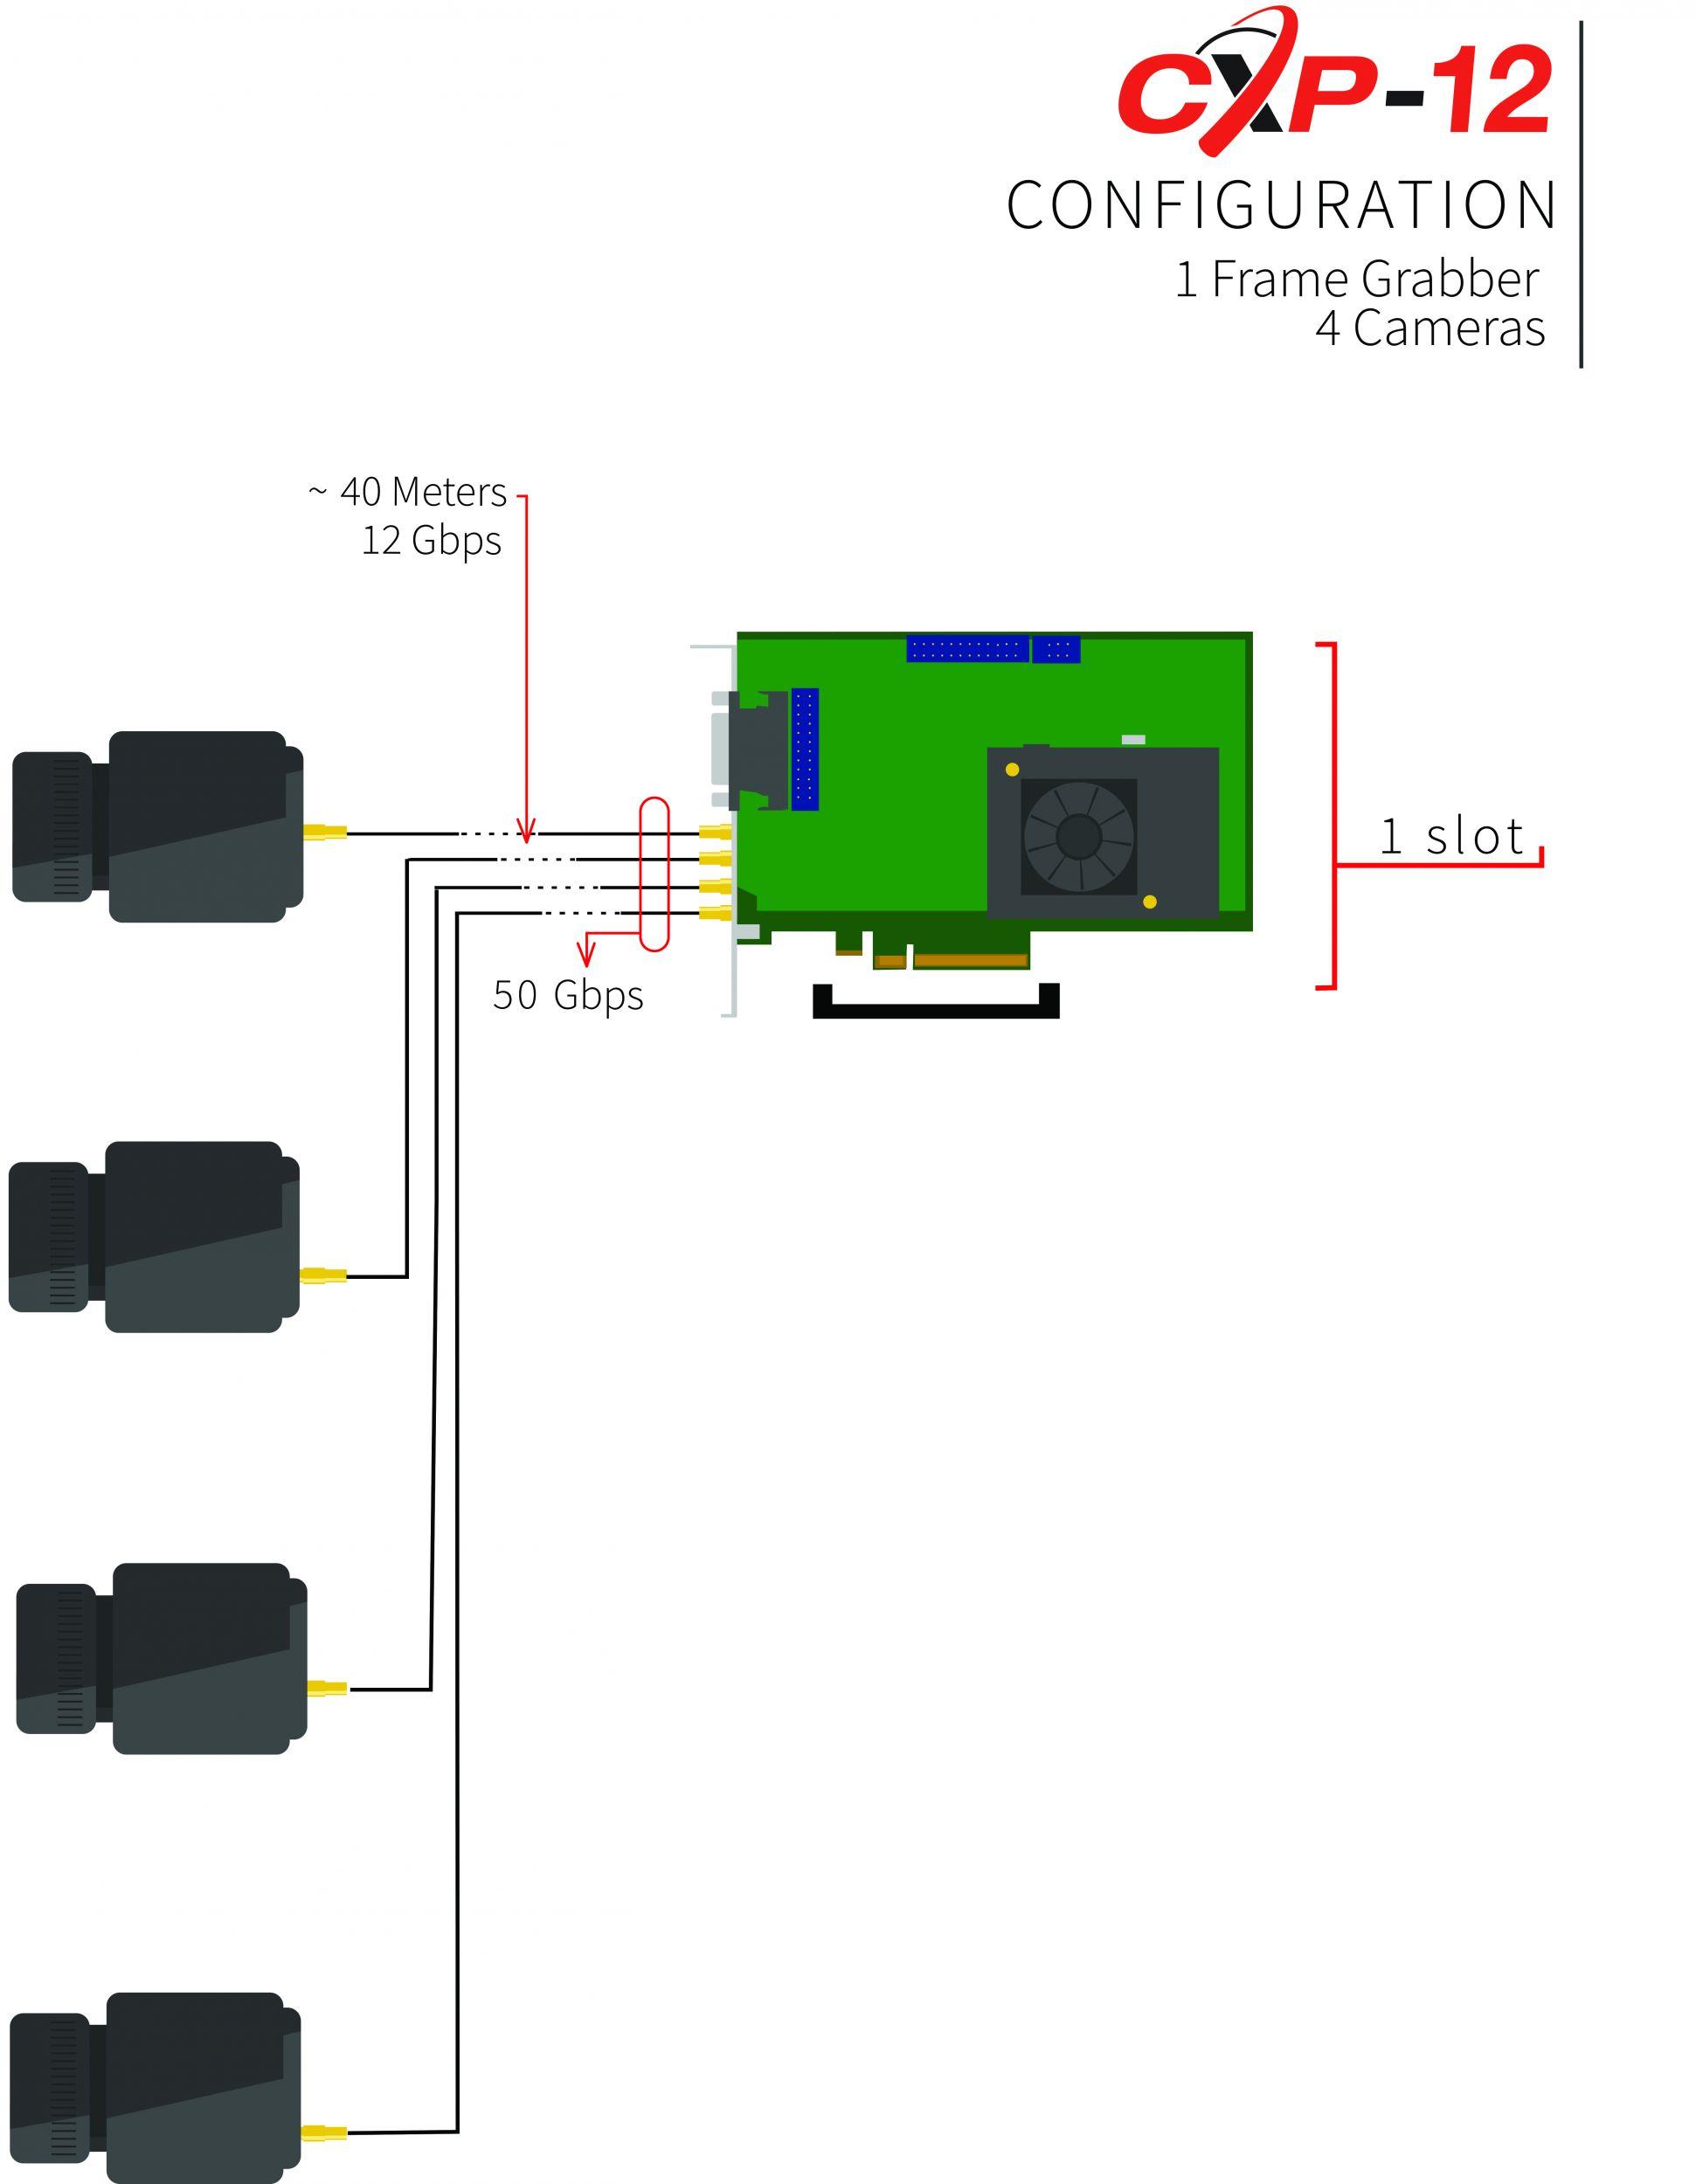 CoaXPress (CXP) wurde auf der Vision 2008 als Nachfolger von Camera Link vorgestellt, konkurriert mit Camera Link HS und wurde als globaler lizenzfreier Standard im Jahr 2011 freigegeben. (Bild: Euresys)